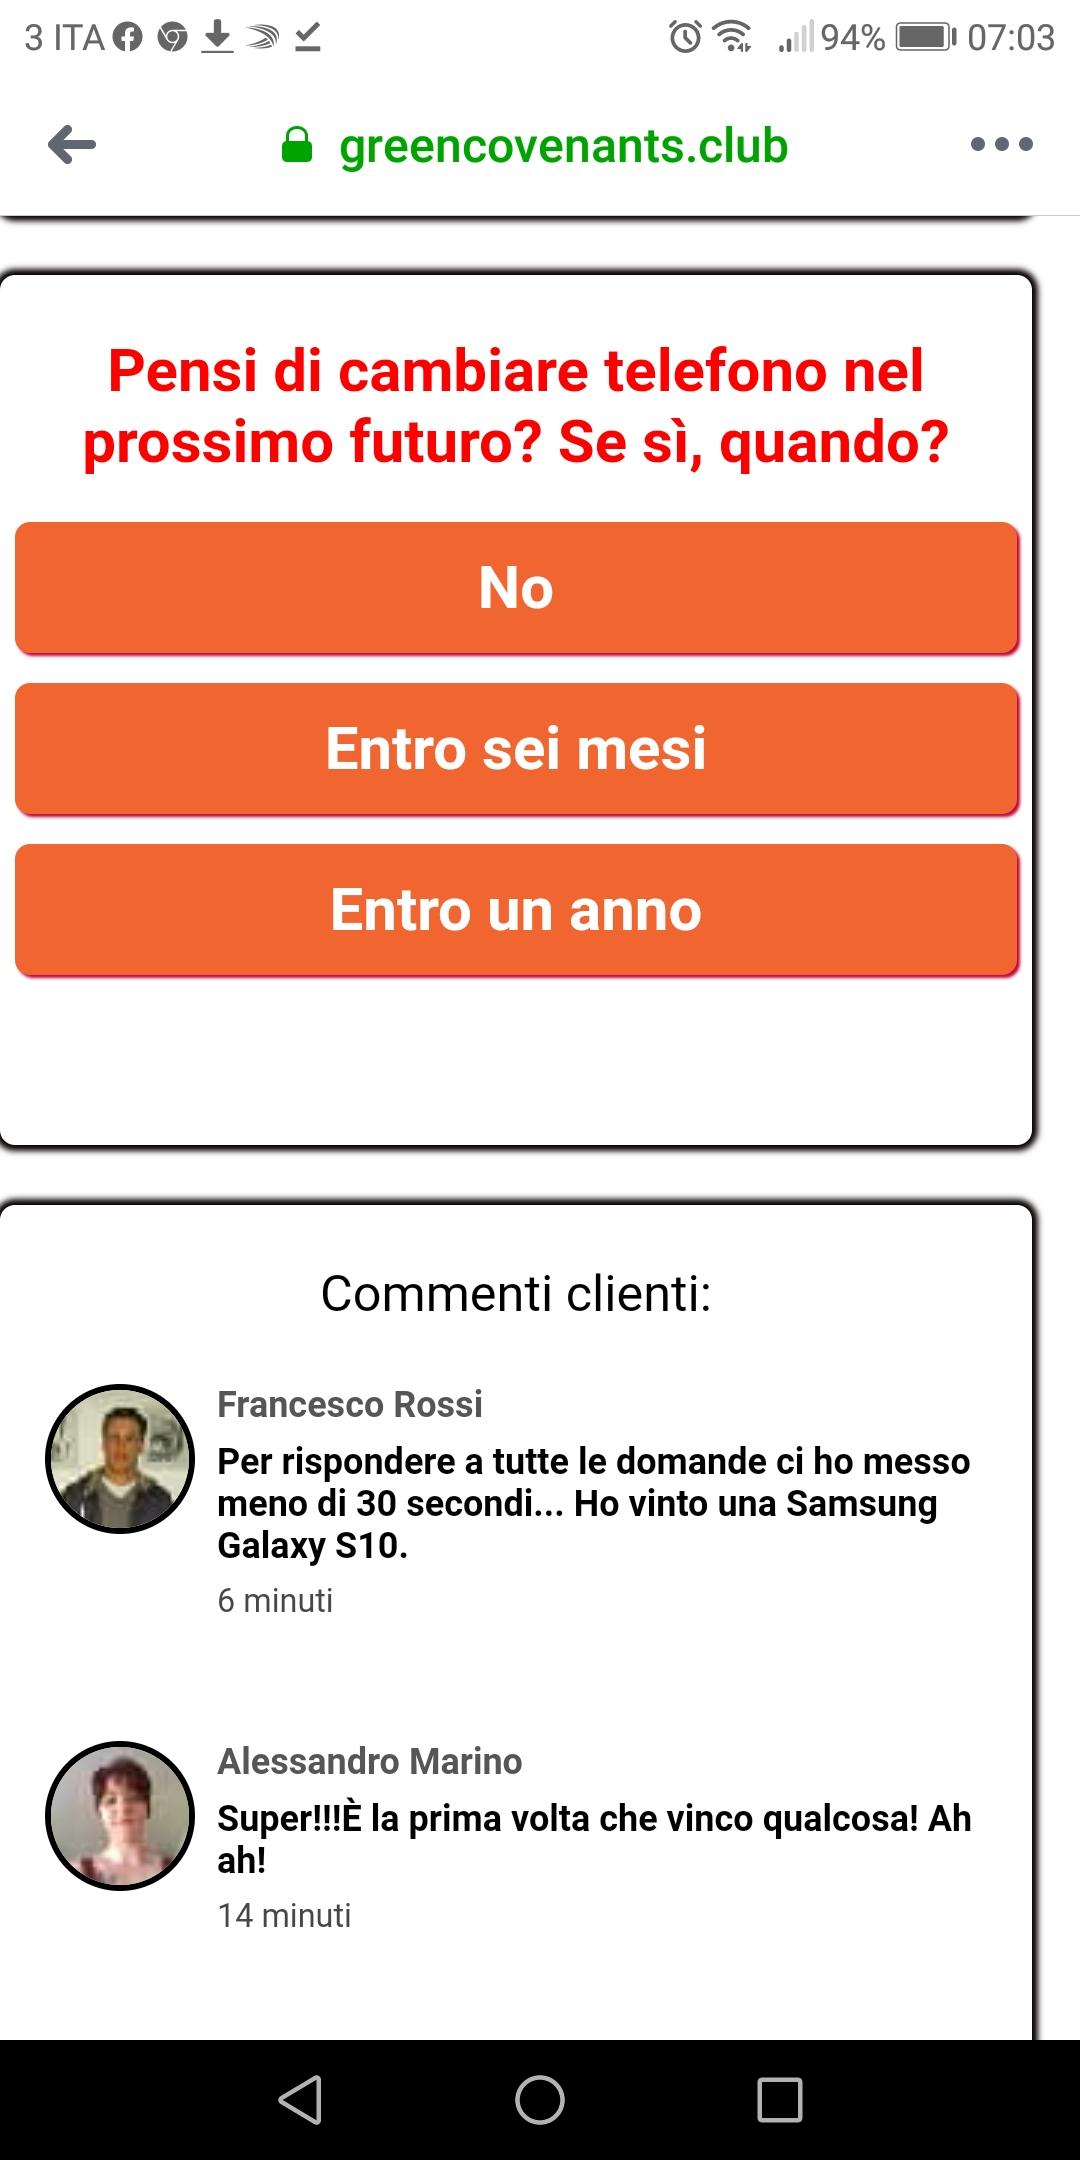 Clicca per ingrandire l'immagine del FALSO sondaggio di Wind - Tre che sembrerebbe dar la possibilità di vincere uno smartphone ma che si tratta di una TRUFFA!